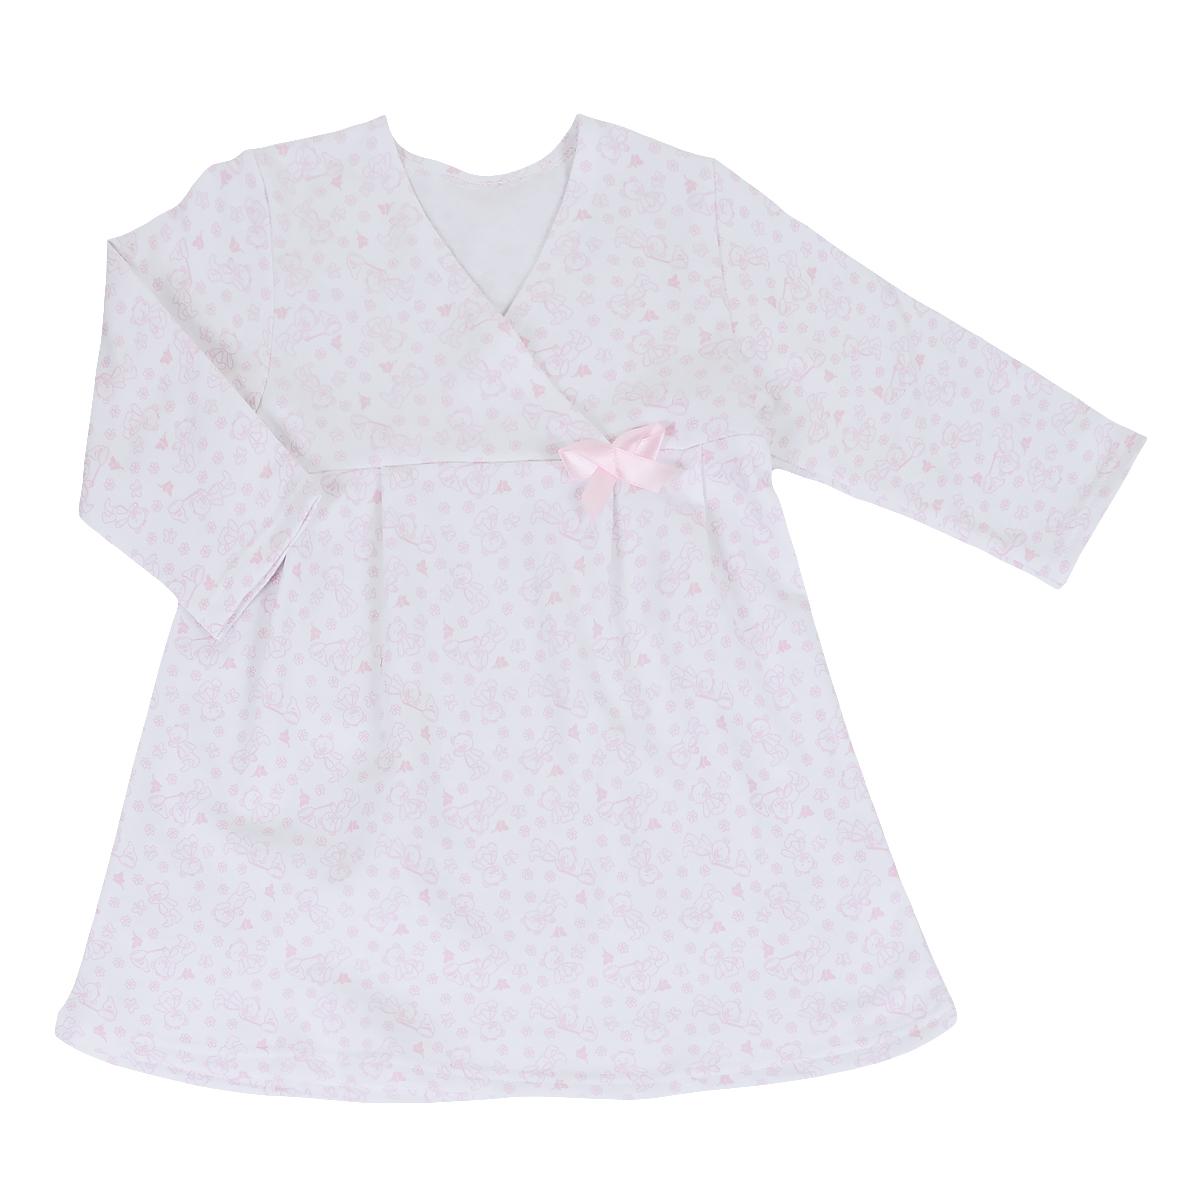 5522Яркая сорочка Трон-плюс идеально подойдет вашей малышке и станет отличным дополнением к детскому гардеробу. Теплая сорочка, изготовленная из футера - натурального хлопка, необычайно мягкая и легкая, не сковывает движения ребенка, позволяет коже дышать и не раздражает даже самую нежную и чувствительную кожу малыша. Сорочка трапециевидного кроя с длинными рукавами, V-образным вырезом горловины. Полочка состоит из двух частей, заходящих друг на друга. По переднему и заднему полотнищам юбки заложены небольшие складки. Сорочка оформлена атласным бантиком. В такой сорочке ваш ребенок будет чувствовать себя комфортно и уютно во время сна.